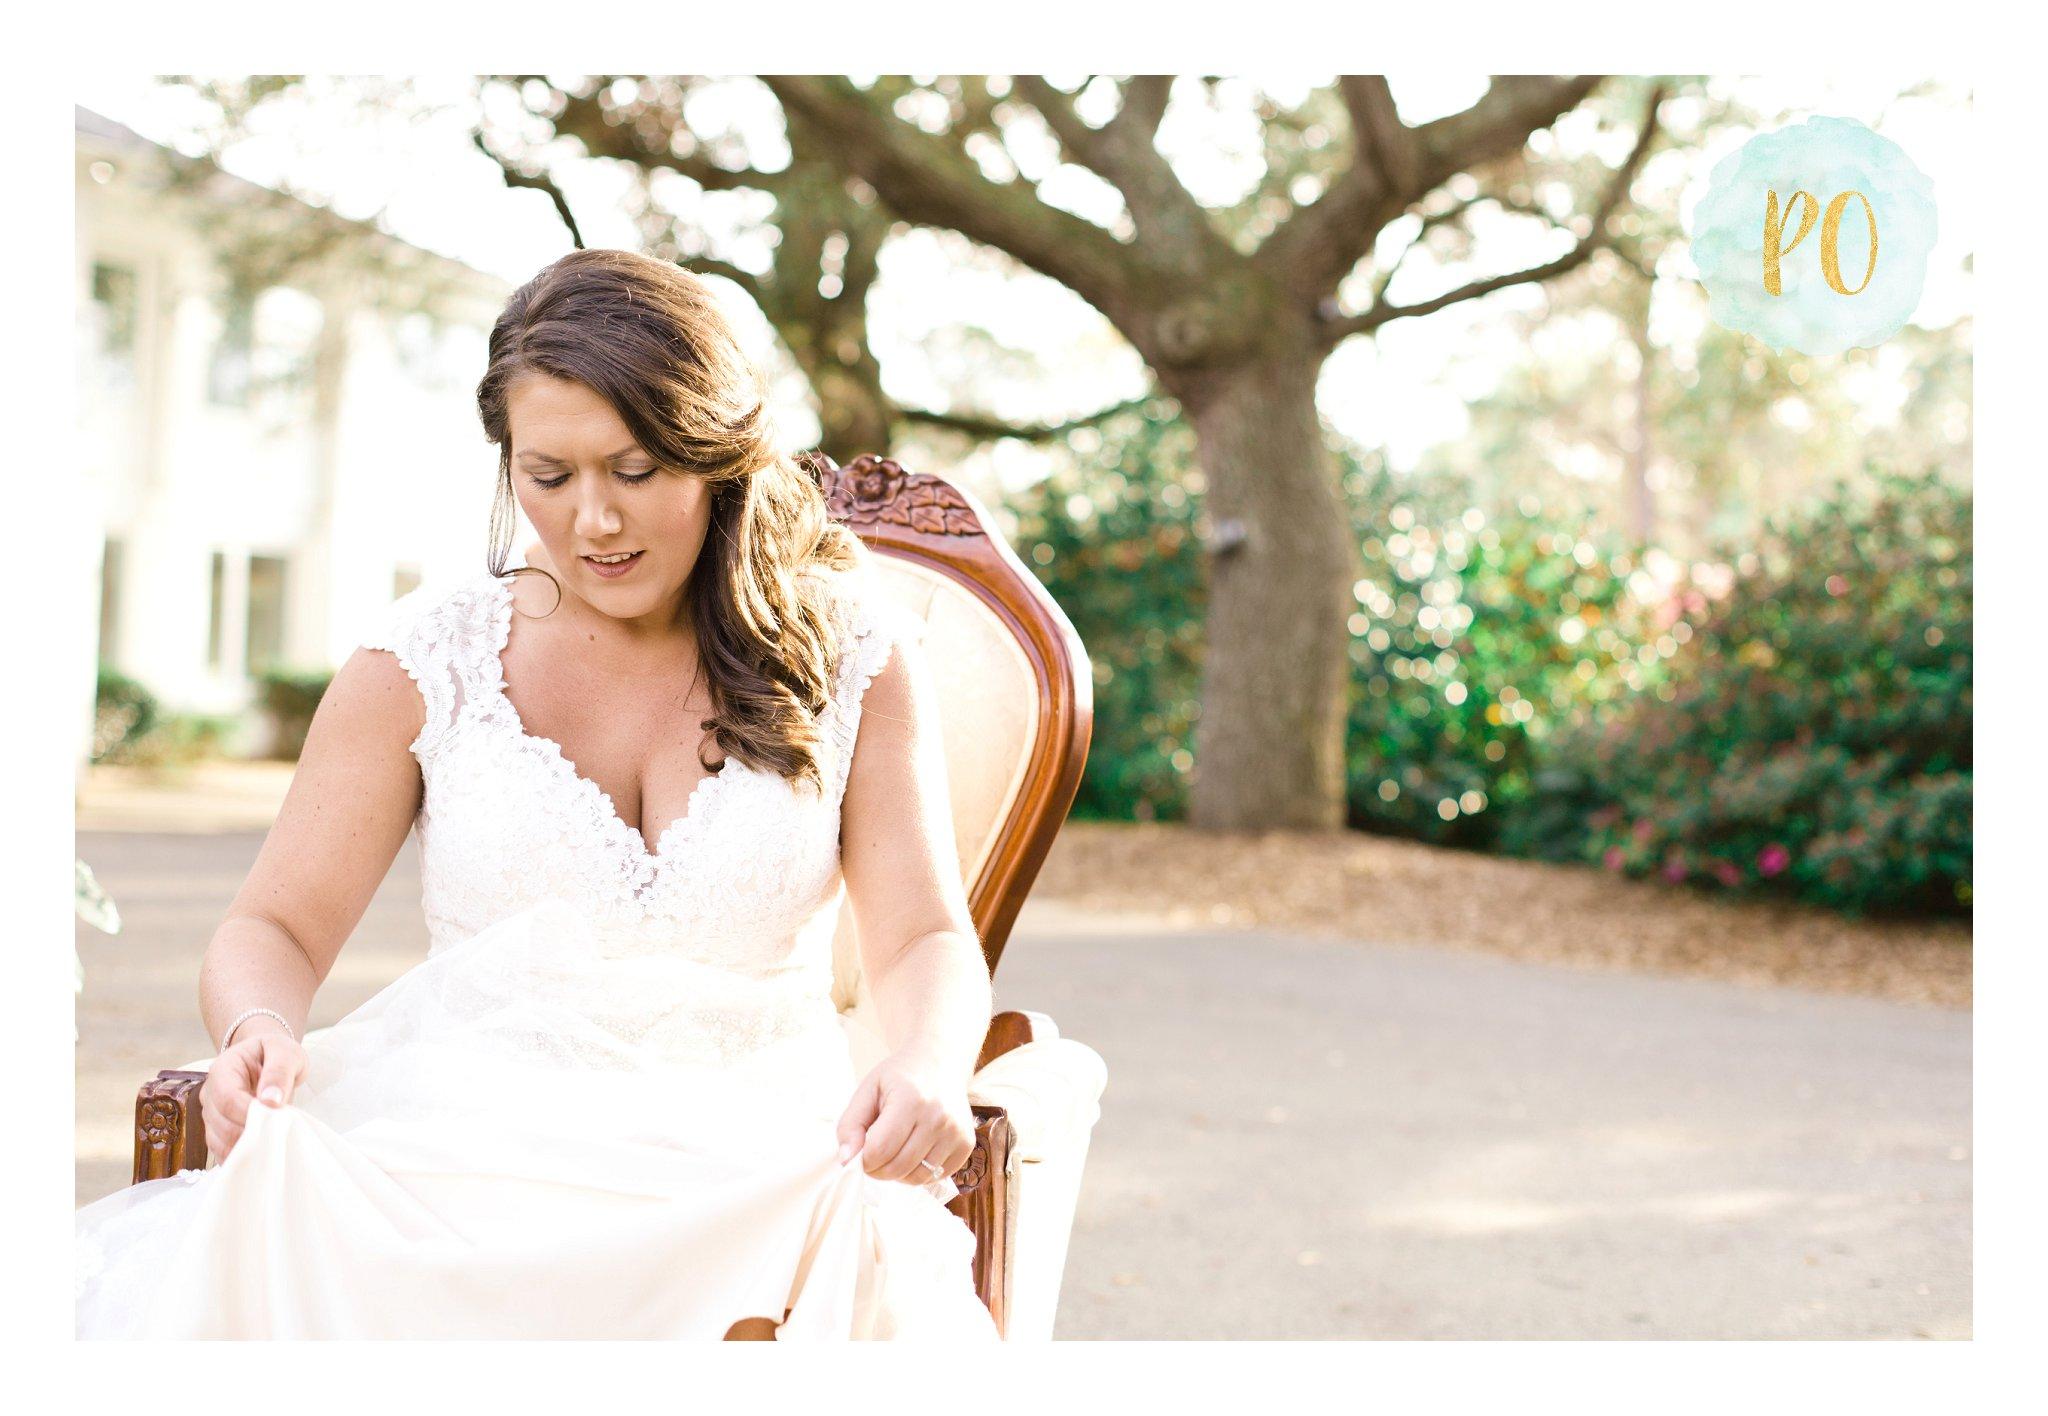 litchfield-golf-country-club-plantation-bridal-pawleys-island-sc-photos_0014.jpg